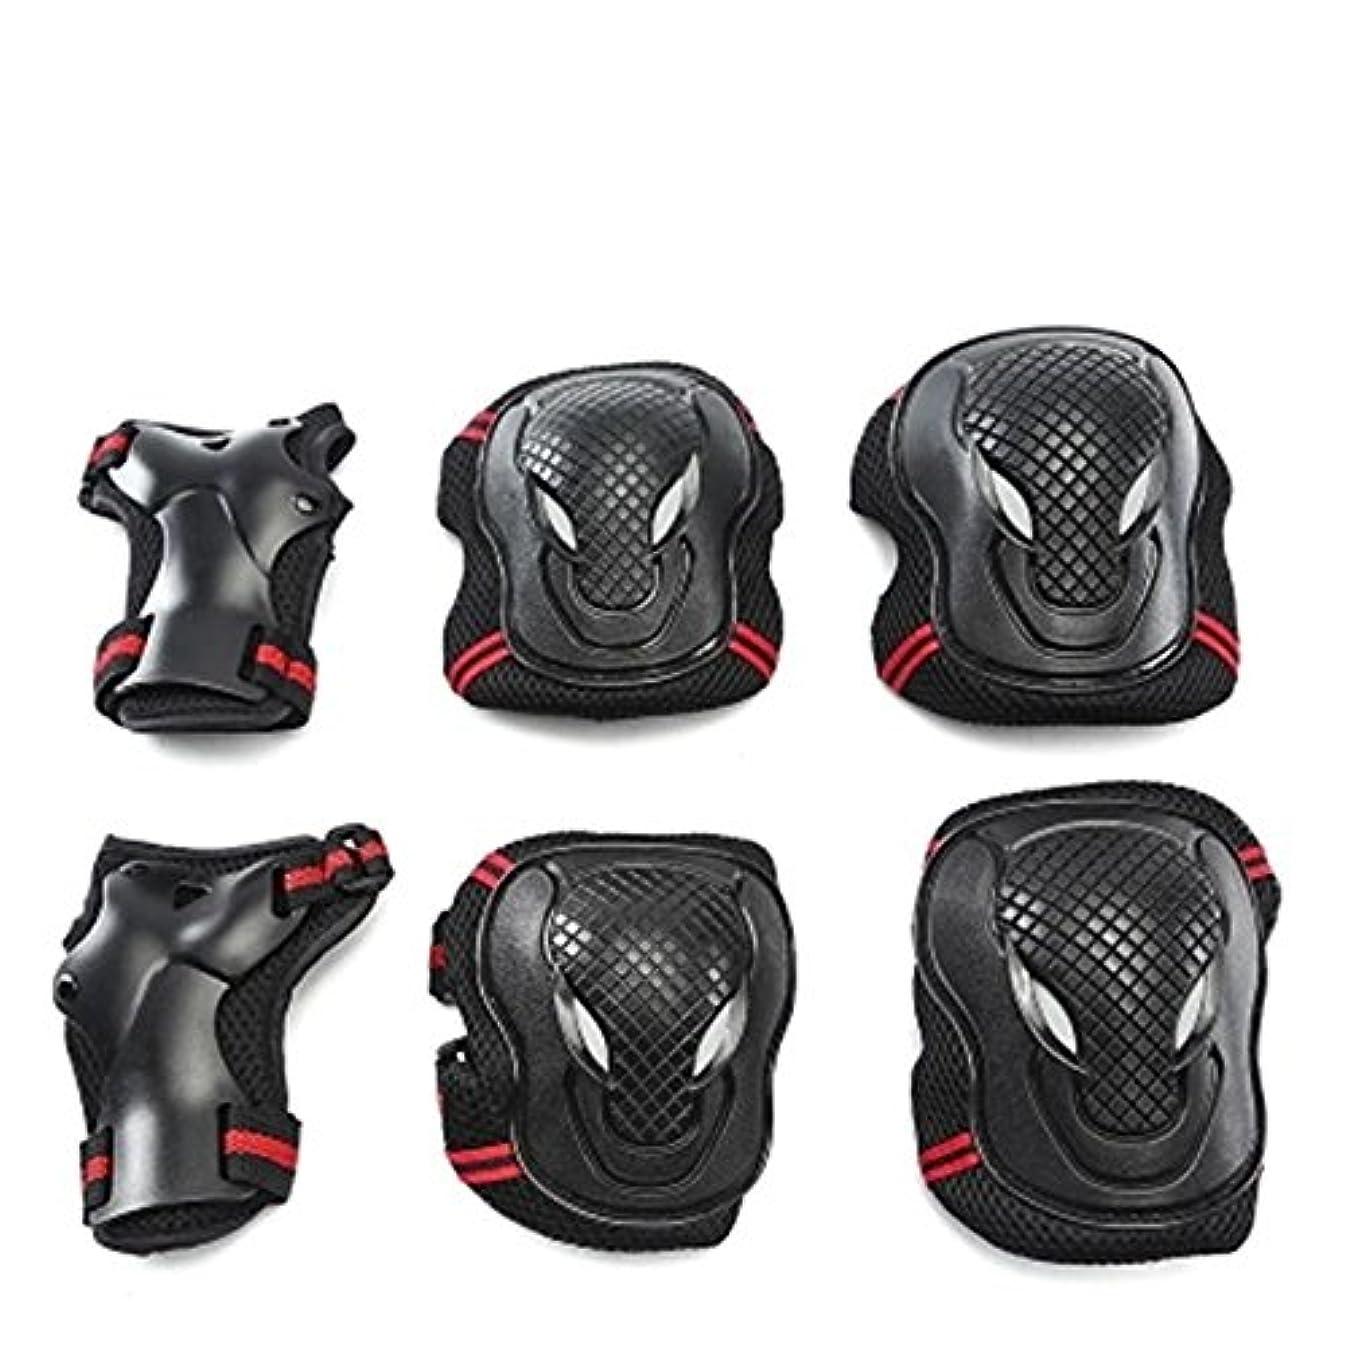 ジェスチャー再現する役立つ自転車の膝パッドバランス膝パッド子供の屋外手首の肘サイクリング安全装置